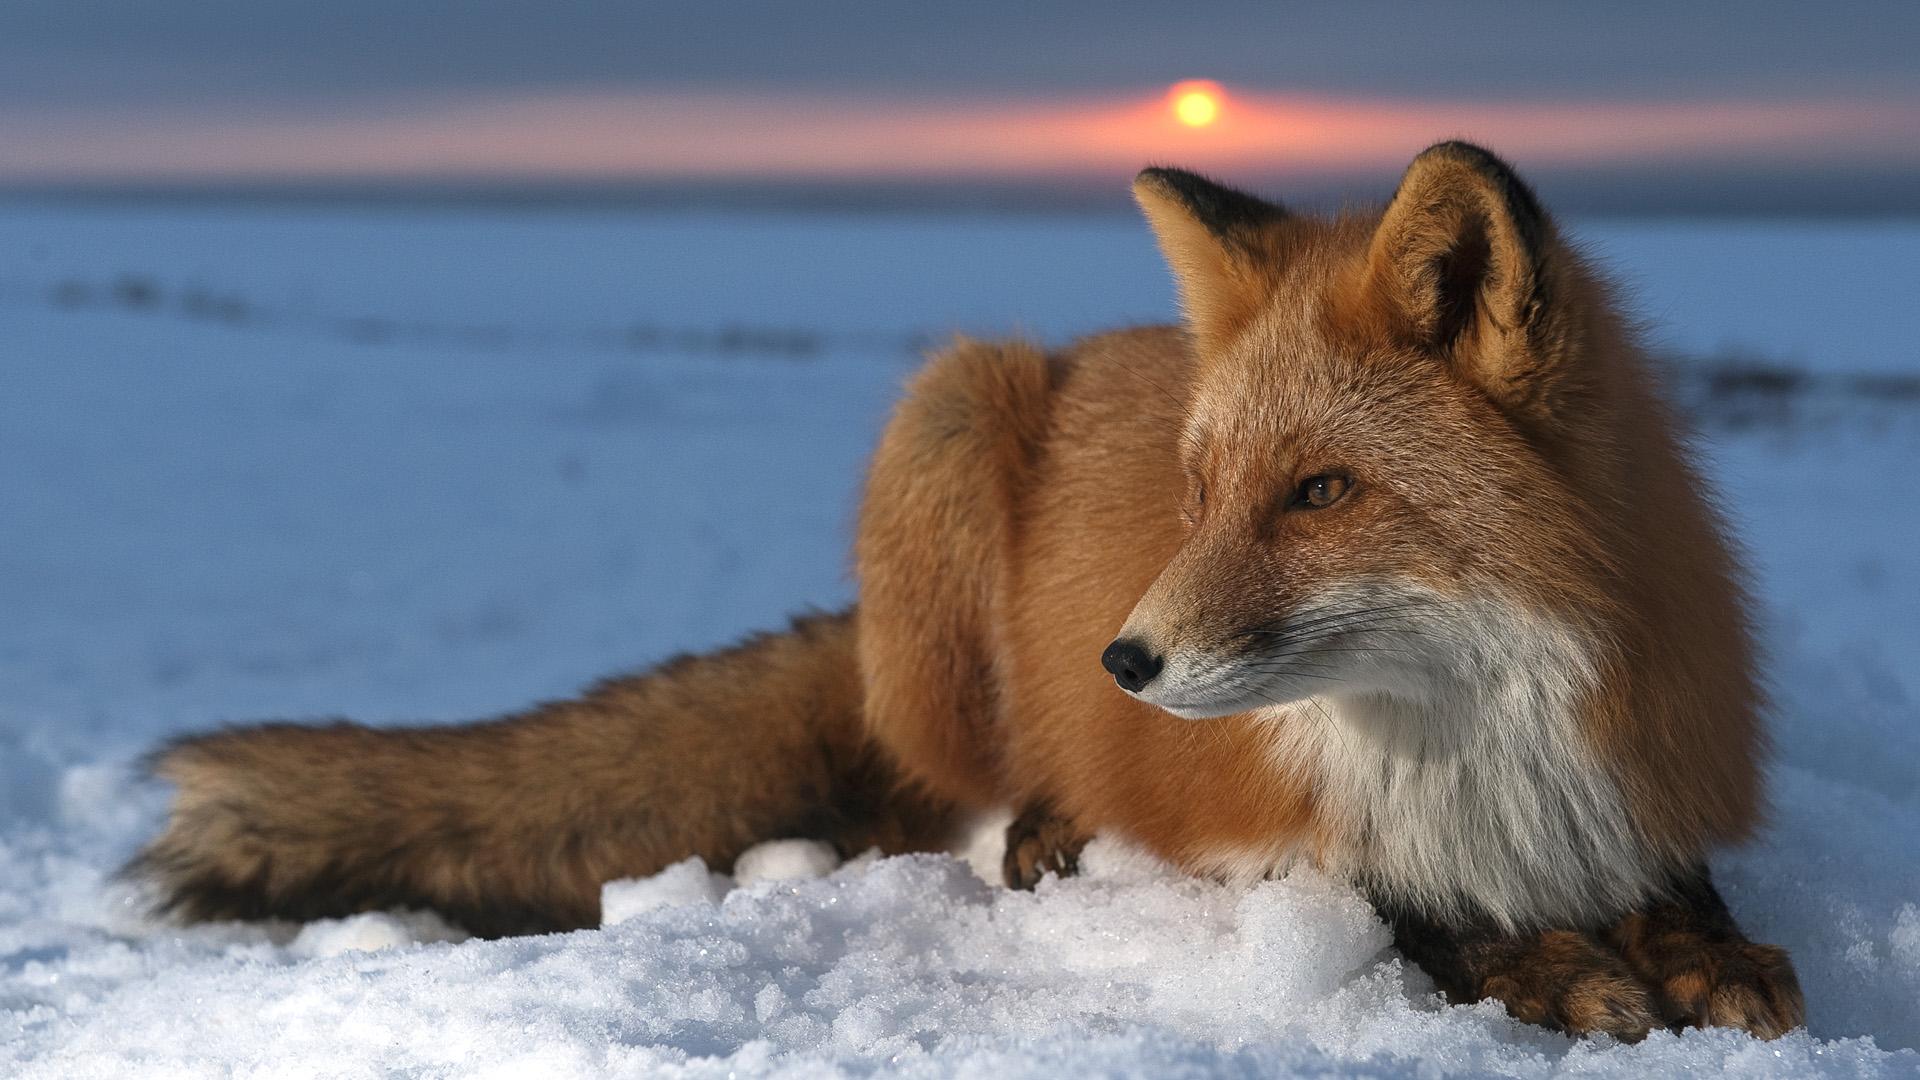 Zorro Rojo en la nieve - 1920x1080